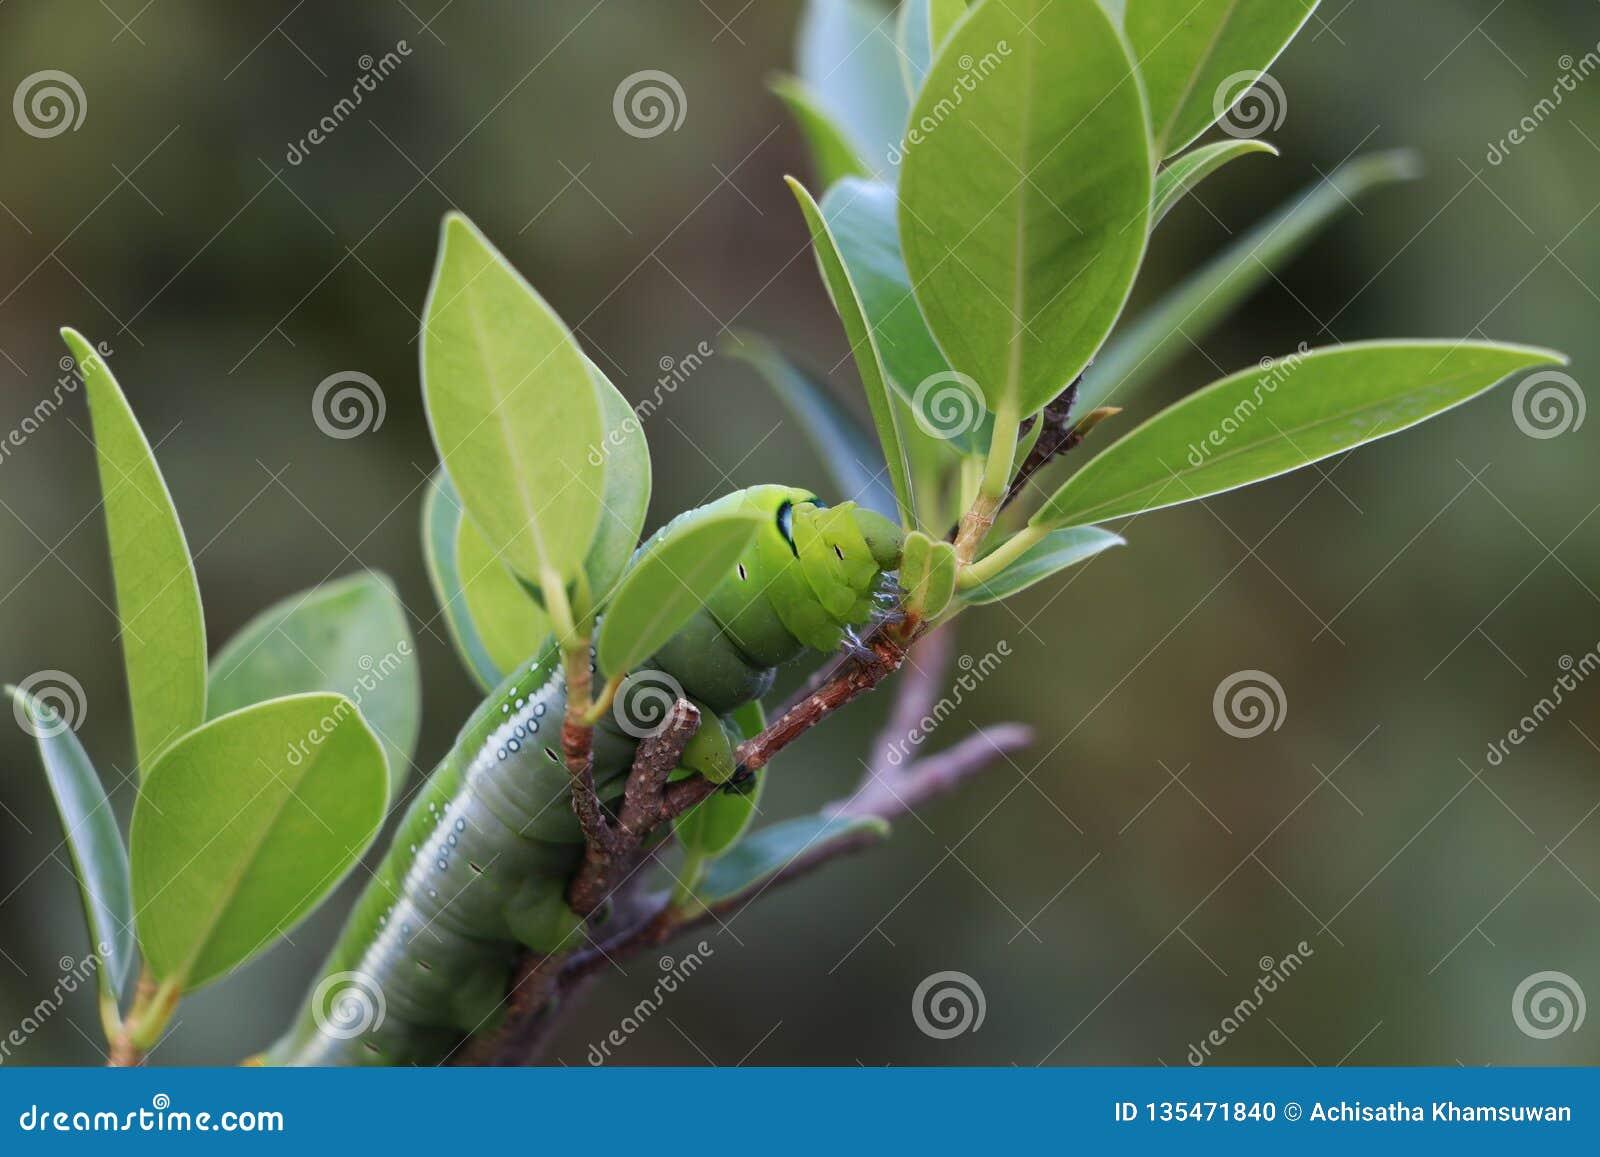 Nerii de Daphnis da lagarta do hawkmoth do oleandro, Sphingidae no ramo da árvore